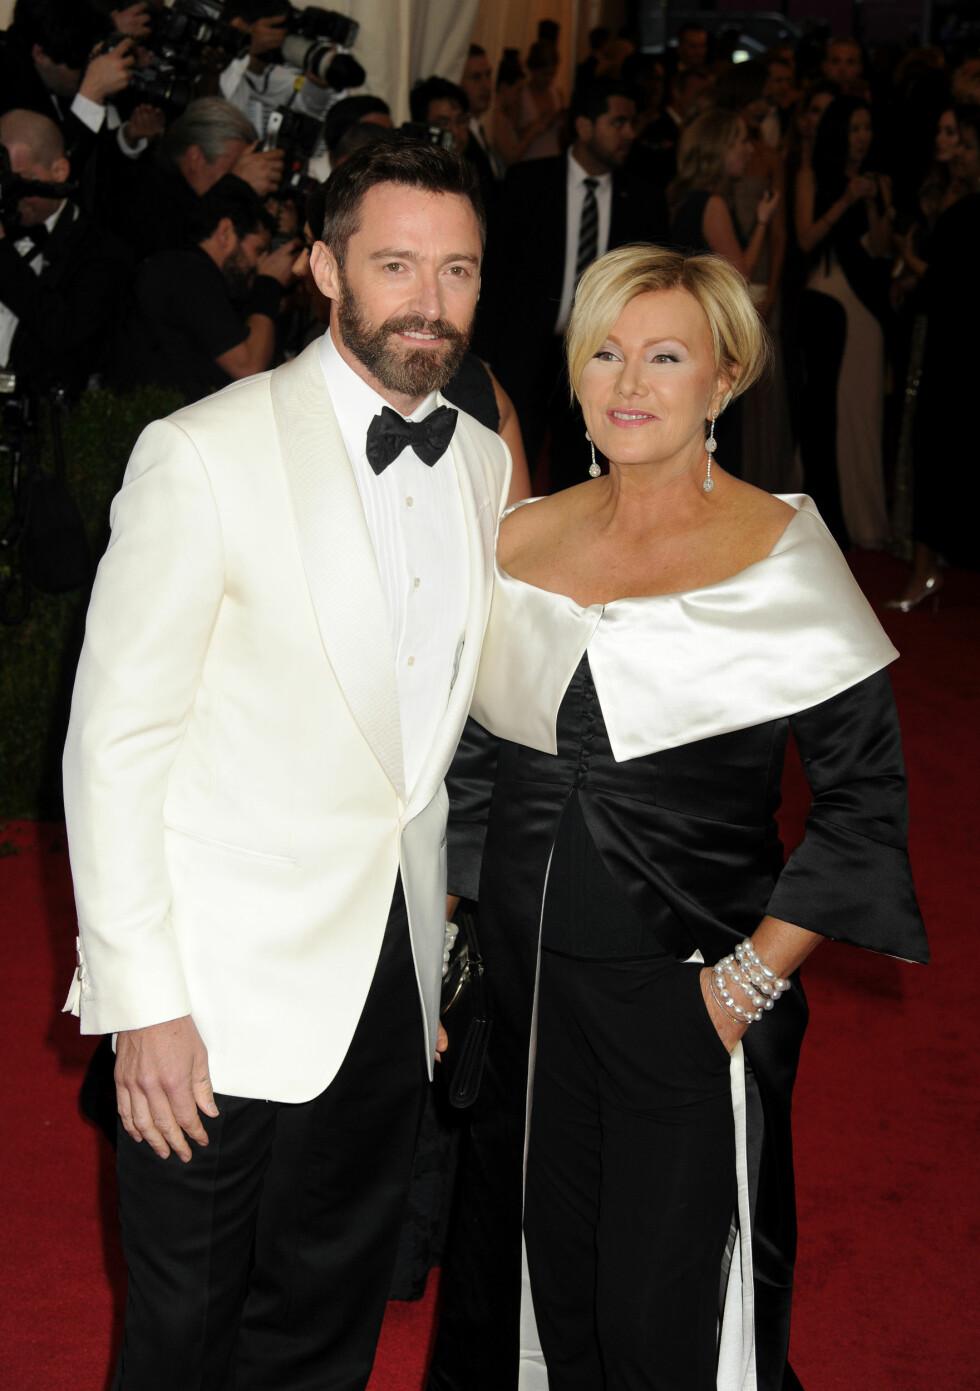 <strong>12 ÅRS FORSKJELL:</strong> Den australske skuespilleren Hugh Jackman (47) har vært gift med Deborra-Lee Furness (59) siden 1996. De har to barn sammen. Foto: NTB Scanpix